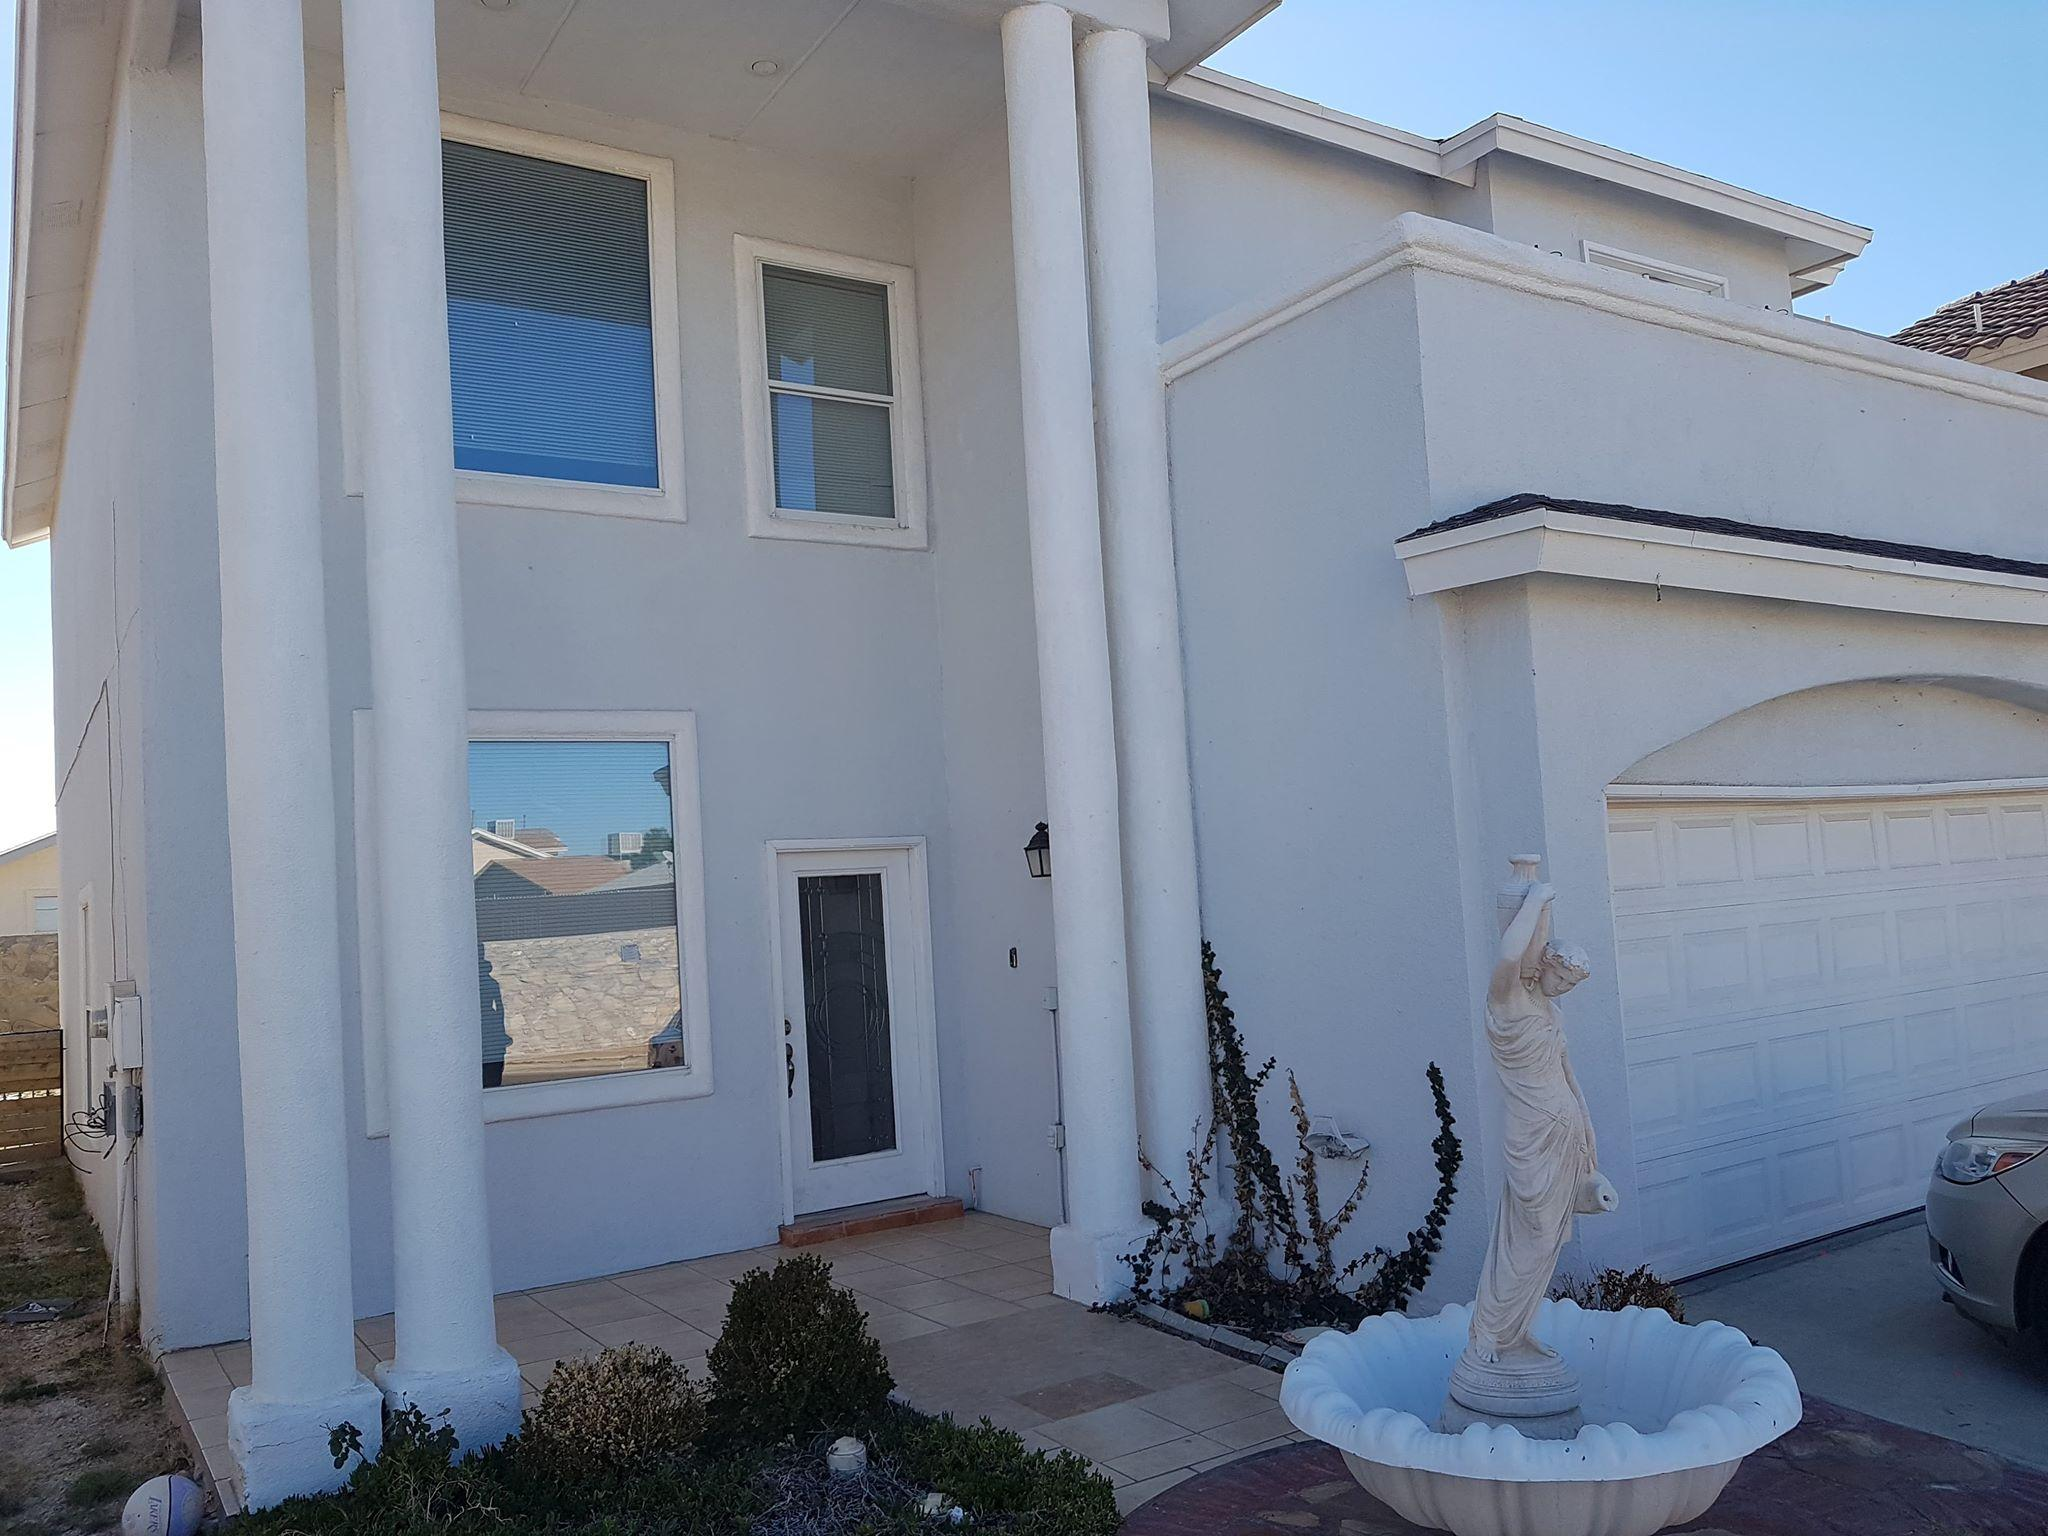 12836 Tierra Salas, El Paso, Texas 79938, 4 Bedrooms Bedrooms, ,3 BathroomsBathrooms,Residential,For sale,Tierra Salas,823324